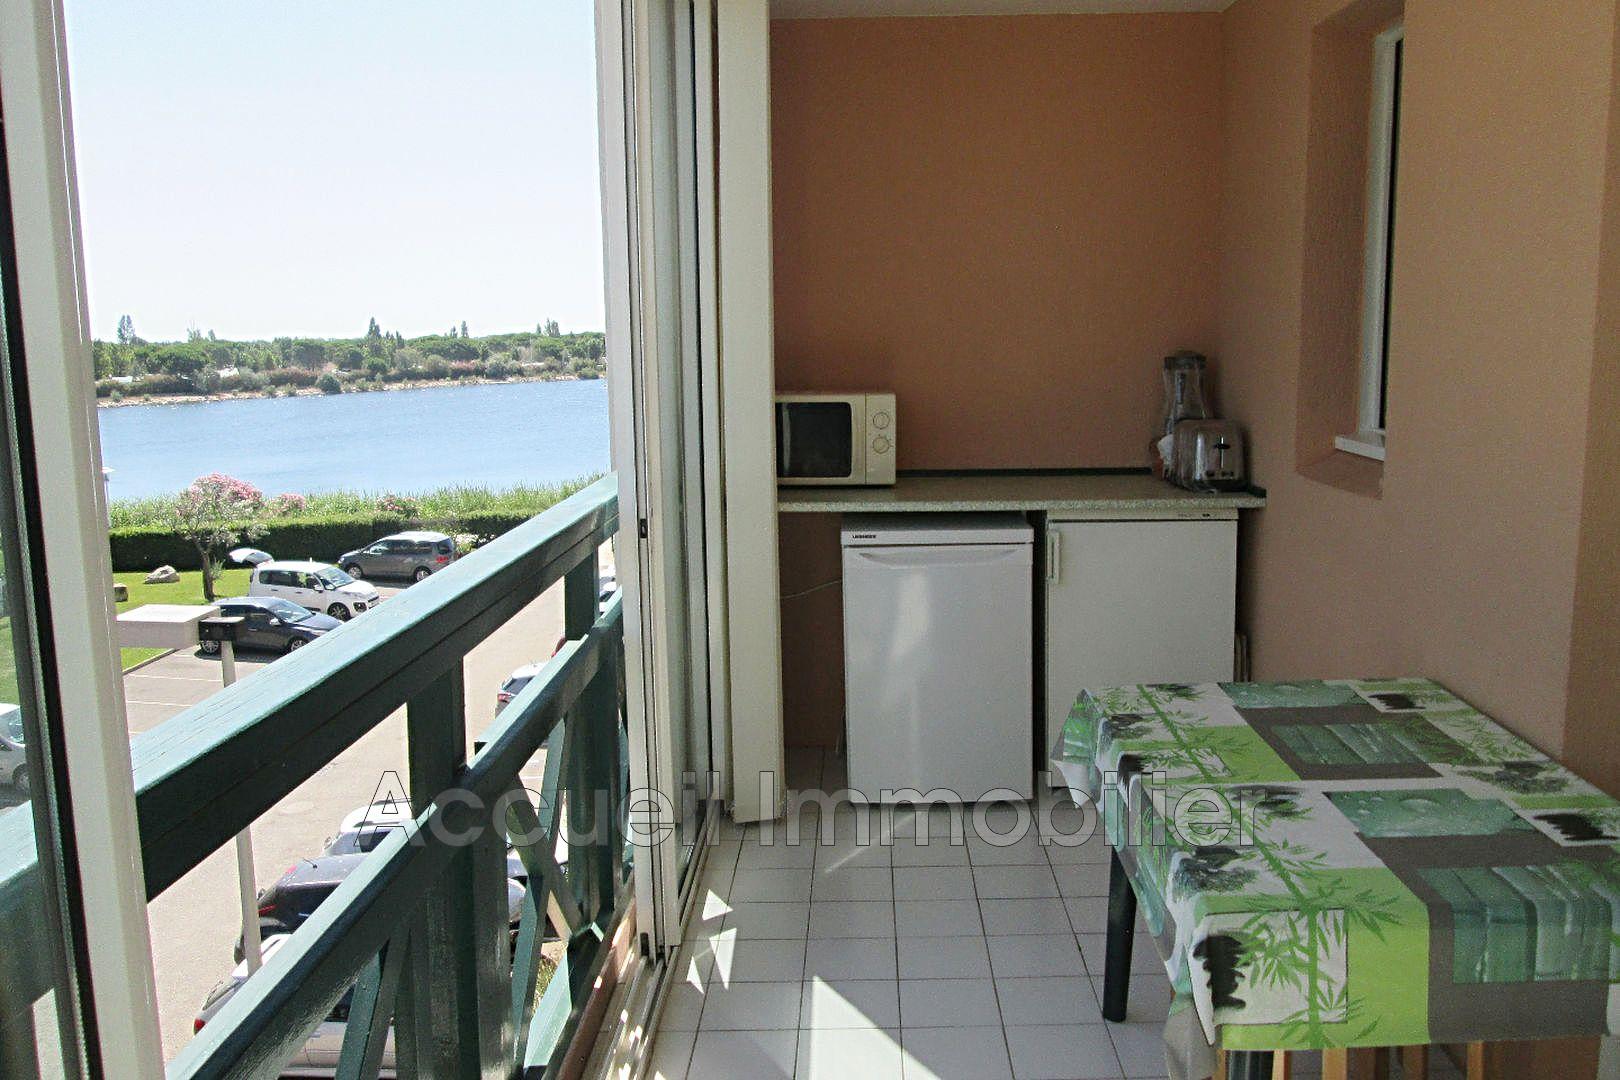 Appartement PortCamargue Salonique Achat Appartement Pièces M² - Appartement port camargue